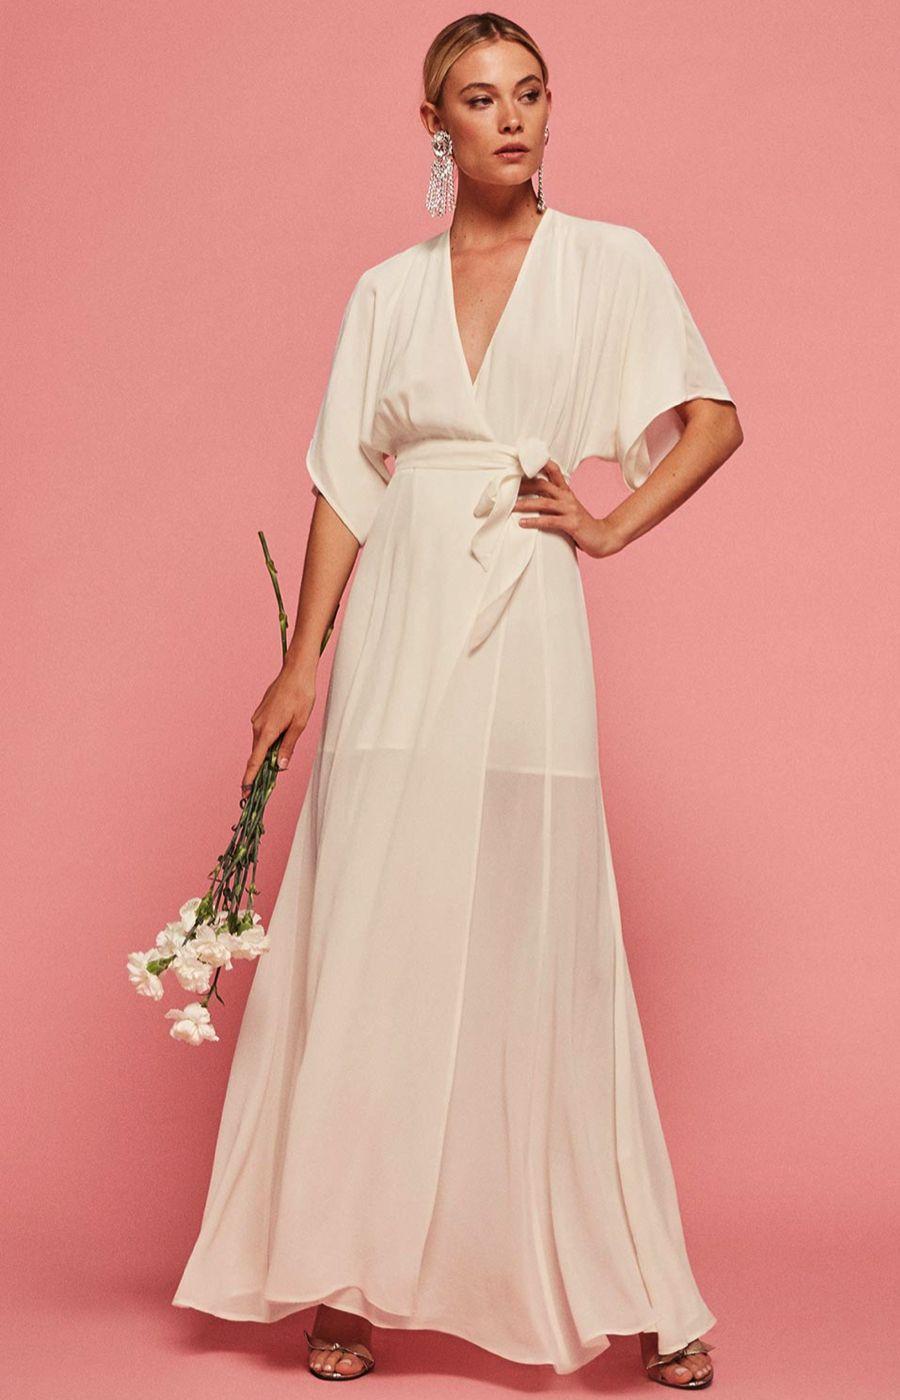 Wedding dresses for older brides | Reformation, Wedding dress and ...